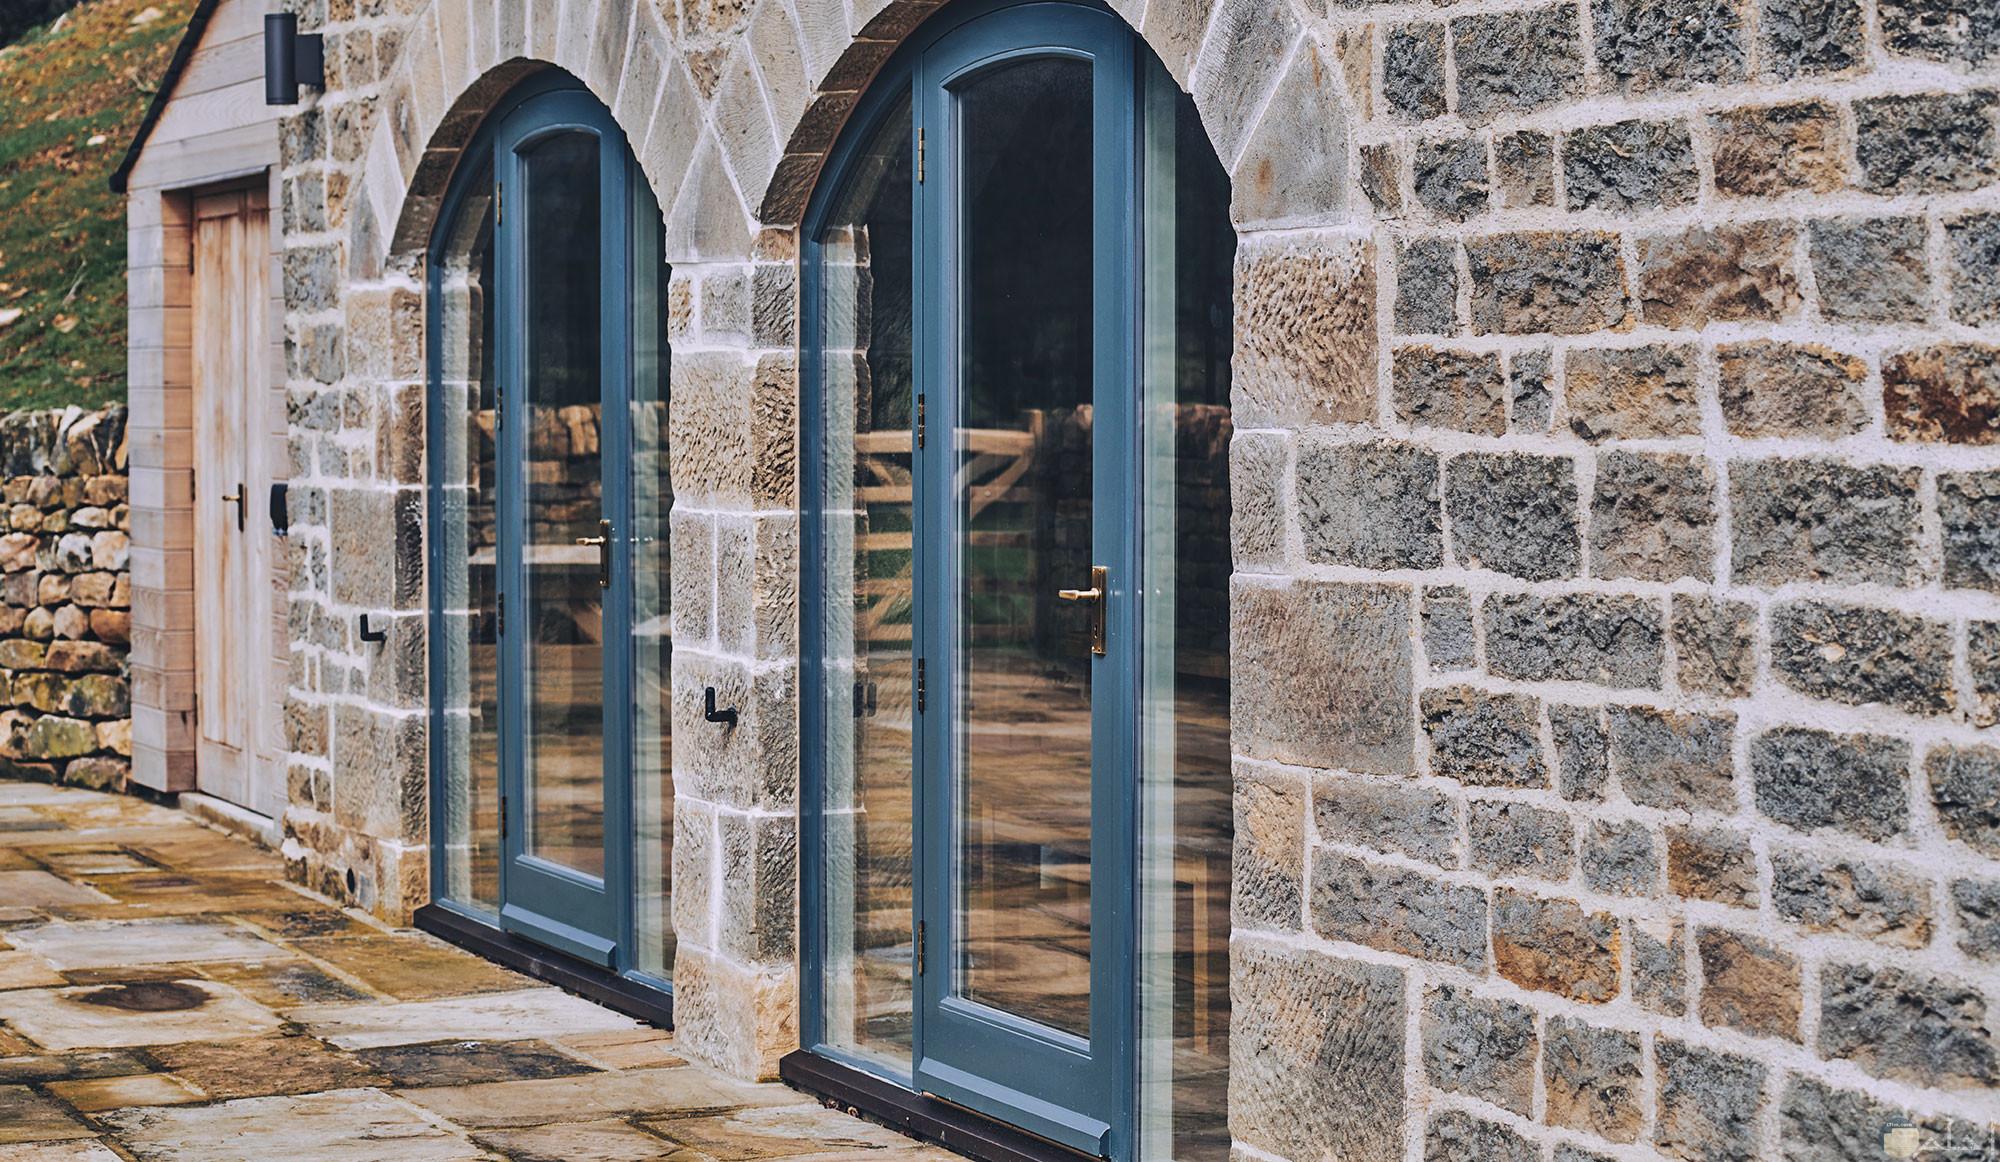 صورة باب مصنع من الخشب والزجاج راقى جدا لونة ازرق